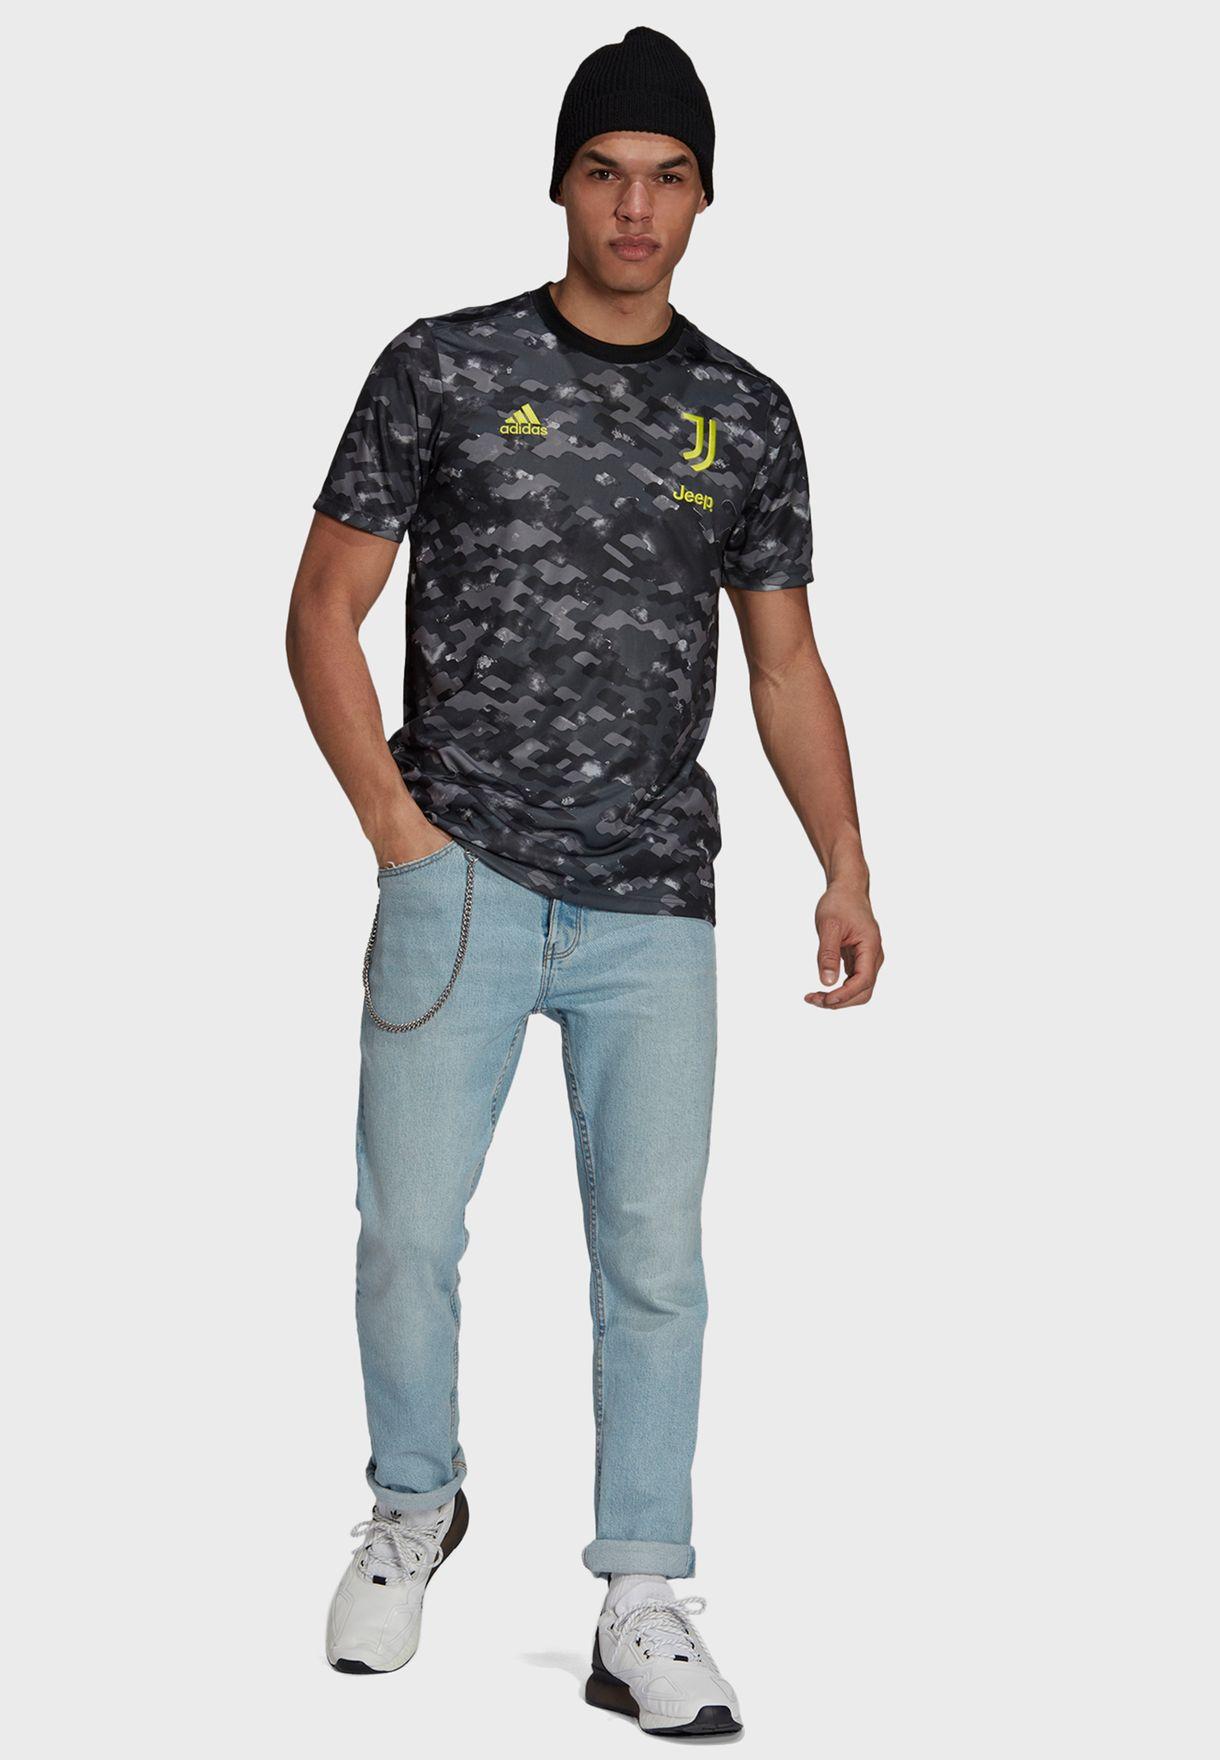 Juventus Preshi T-Shirt